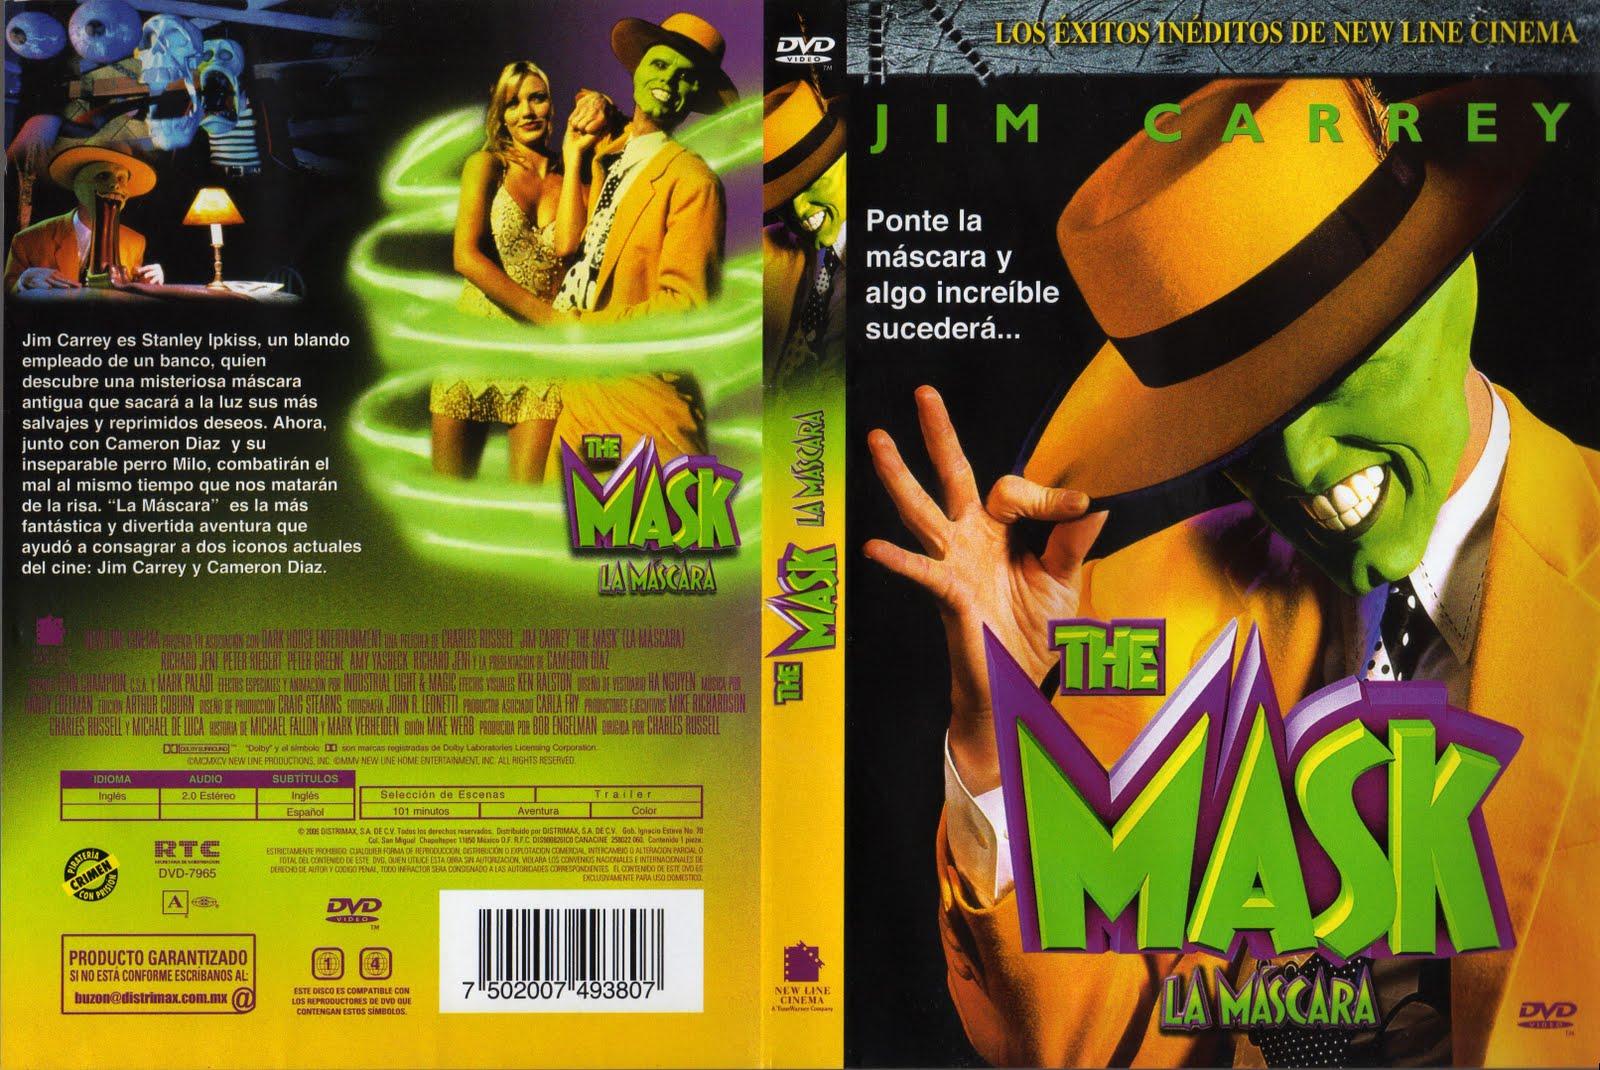 Descargar El Hijo de la Mascara [Latino] [DvdRip Rmvb] [350 Mb] [1&#8243; width=&#8221;386&#8243; height=&#8221;258&#8243;/><br /> </br><br /> <h3>¿Alguien sabe de las canciones de la pelicula &quot;La Mascara</h3> <p></br>Best Answer: cuban pete Cuban Pete, ¿Es muy buena esa escena no? La cancion se llama &quot;Cuban Pete&quot;. Suerte Jeje yo la intente bajar y la Descarga La Mascara (1994) DVDRip Latino &#8211; Ingles Gratis. Disfruta esta pelicula Comica dirigida por Chuck Russell en el año 1994, la cual trata sobre: Stanley Sipeliculas.com es una página que orienta su contenido a películas en todos sus géneros y años de estreno, podemos ver películas gratis por Internet a través de</br><img class=